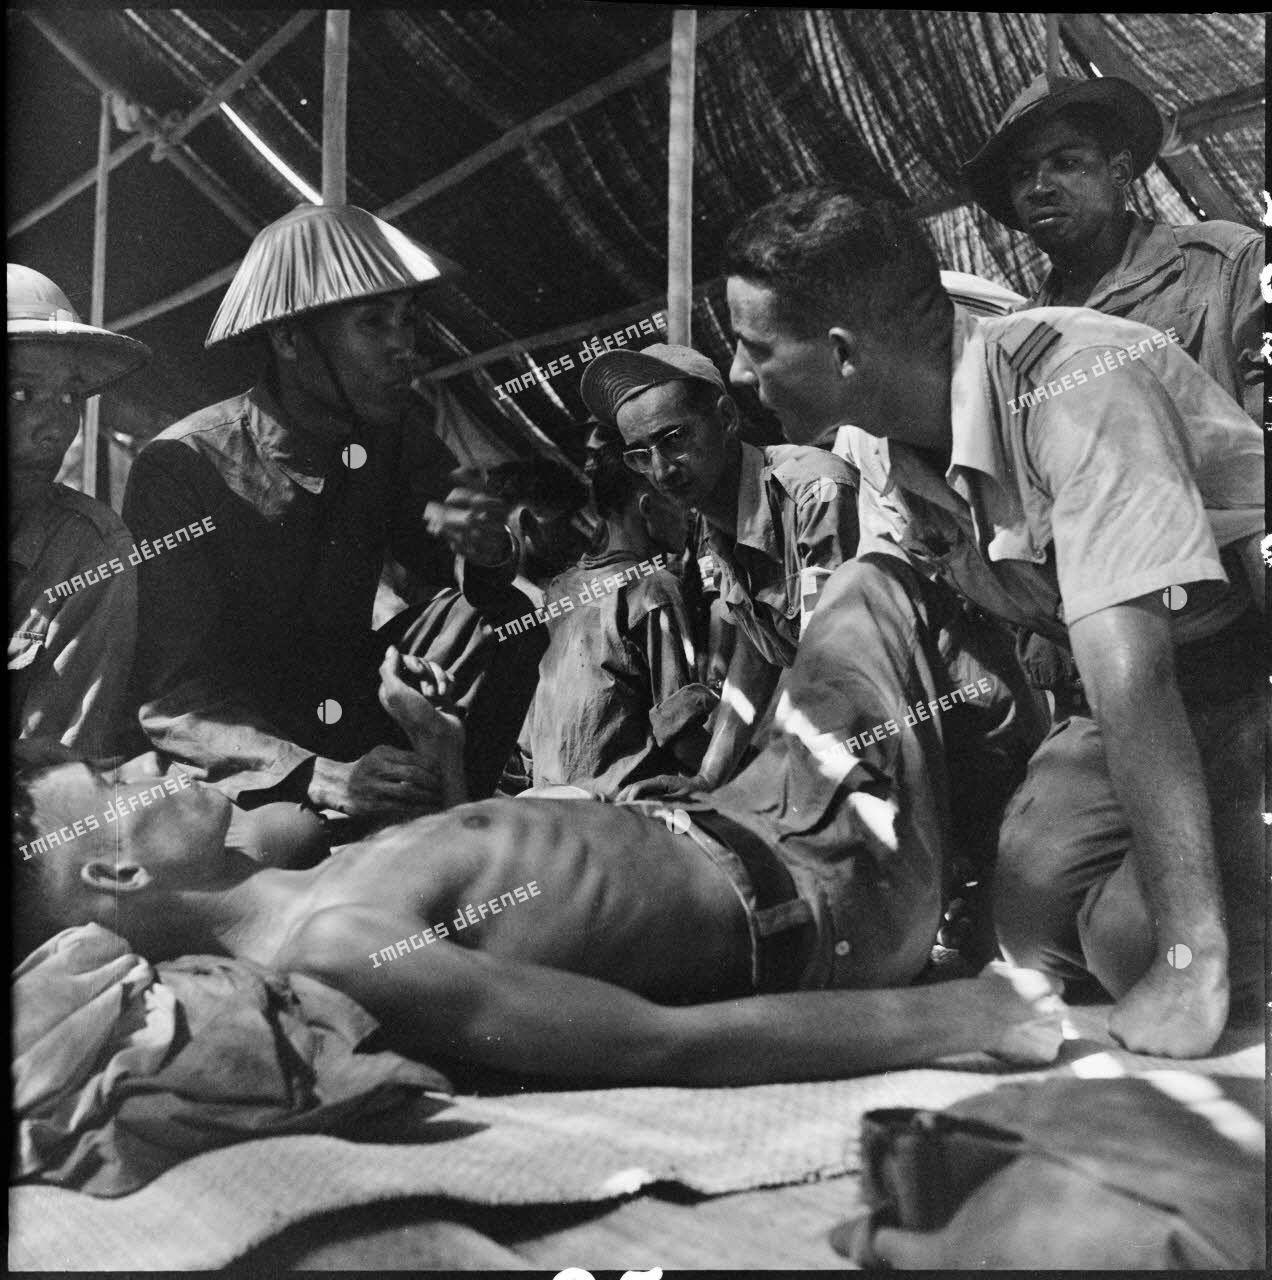 Echange de prisonniers français et Viêt-minh à Sam Son. Un médecin parle avec un soldat du Viêt-minh lors d'une visite aux prisonniers.